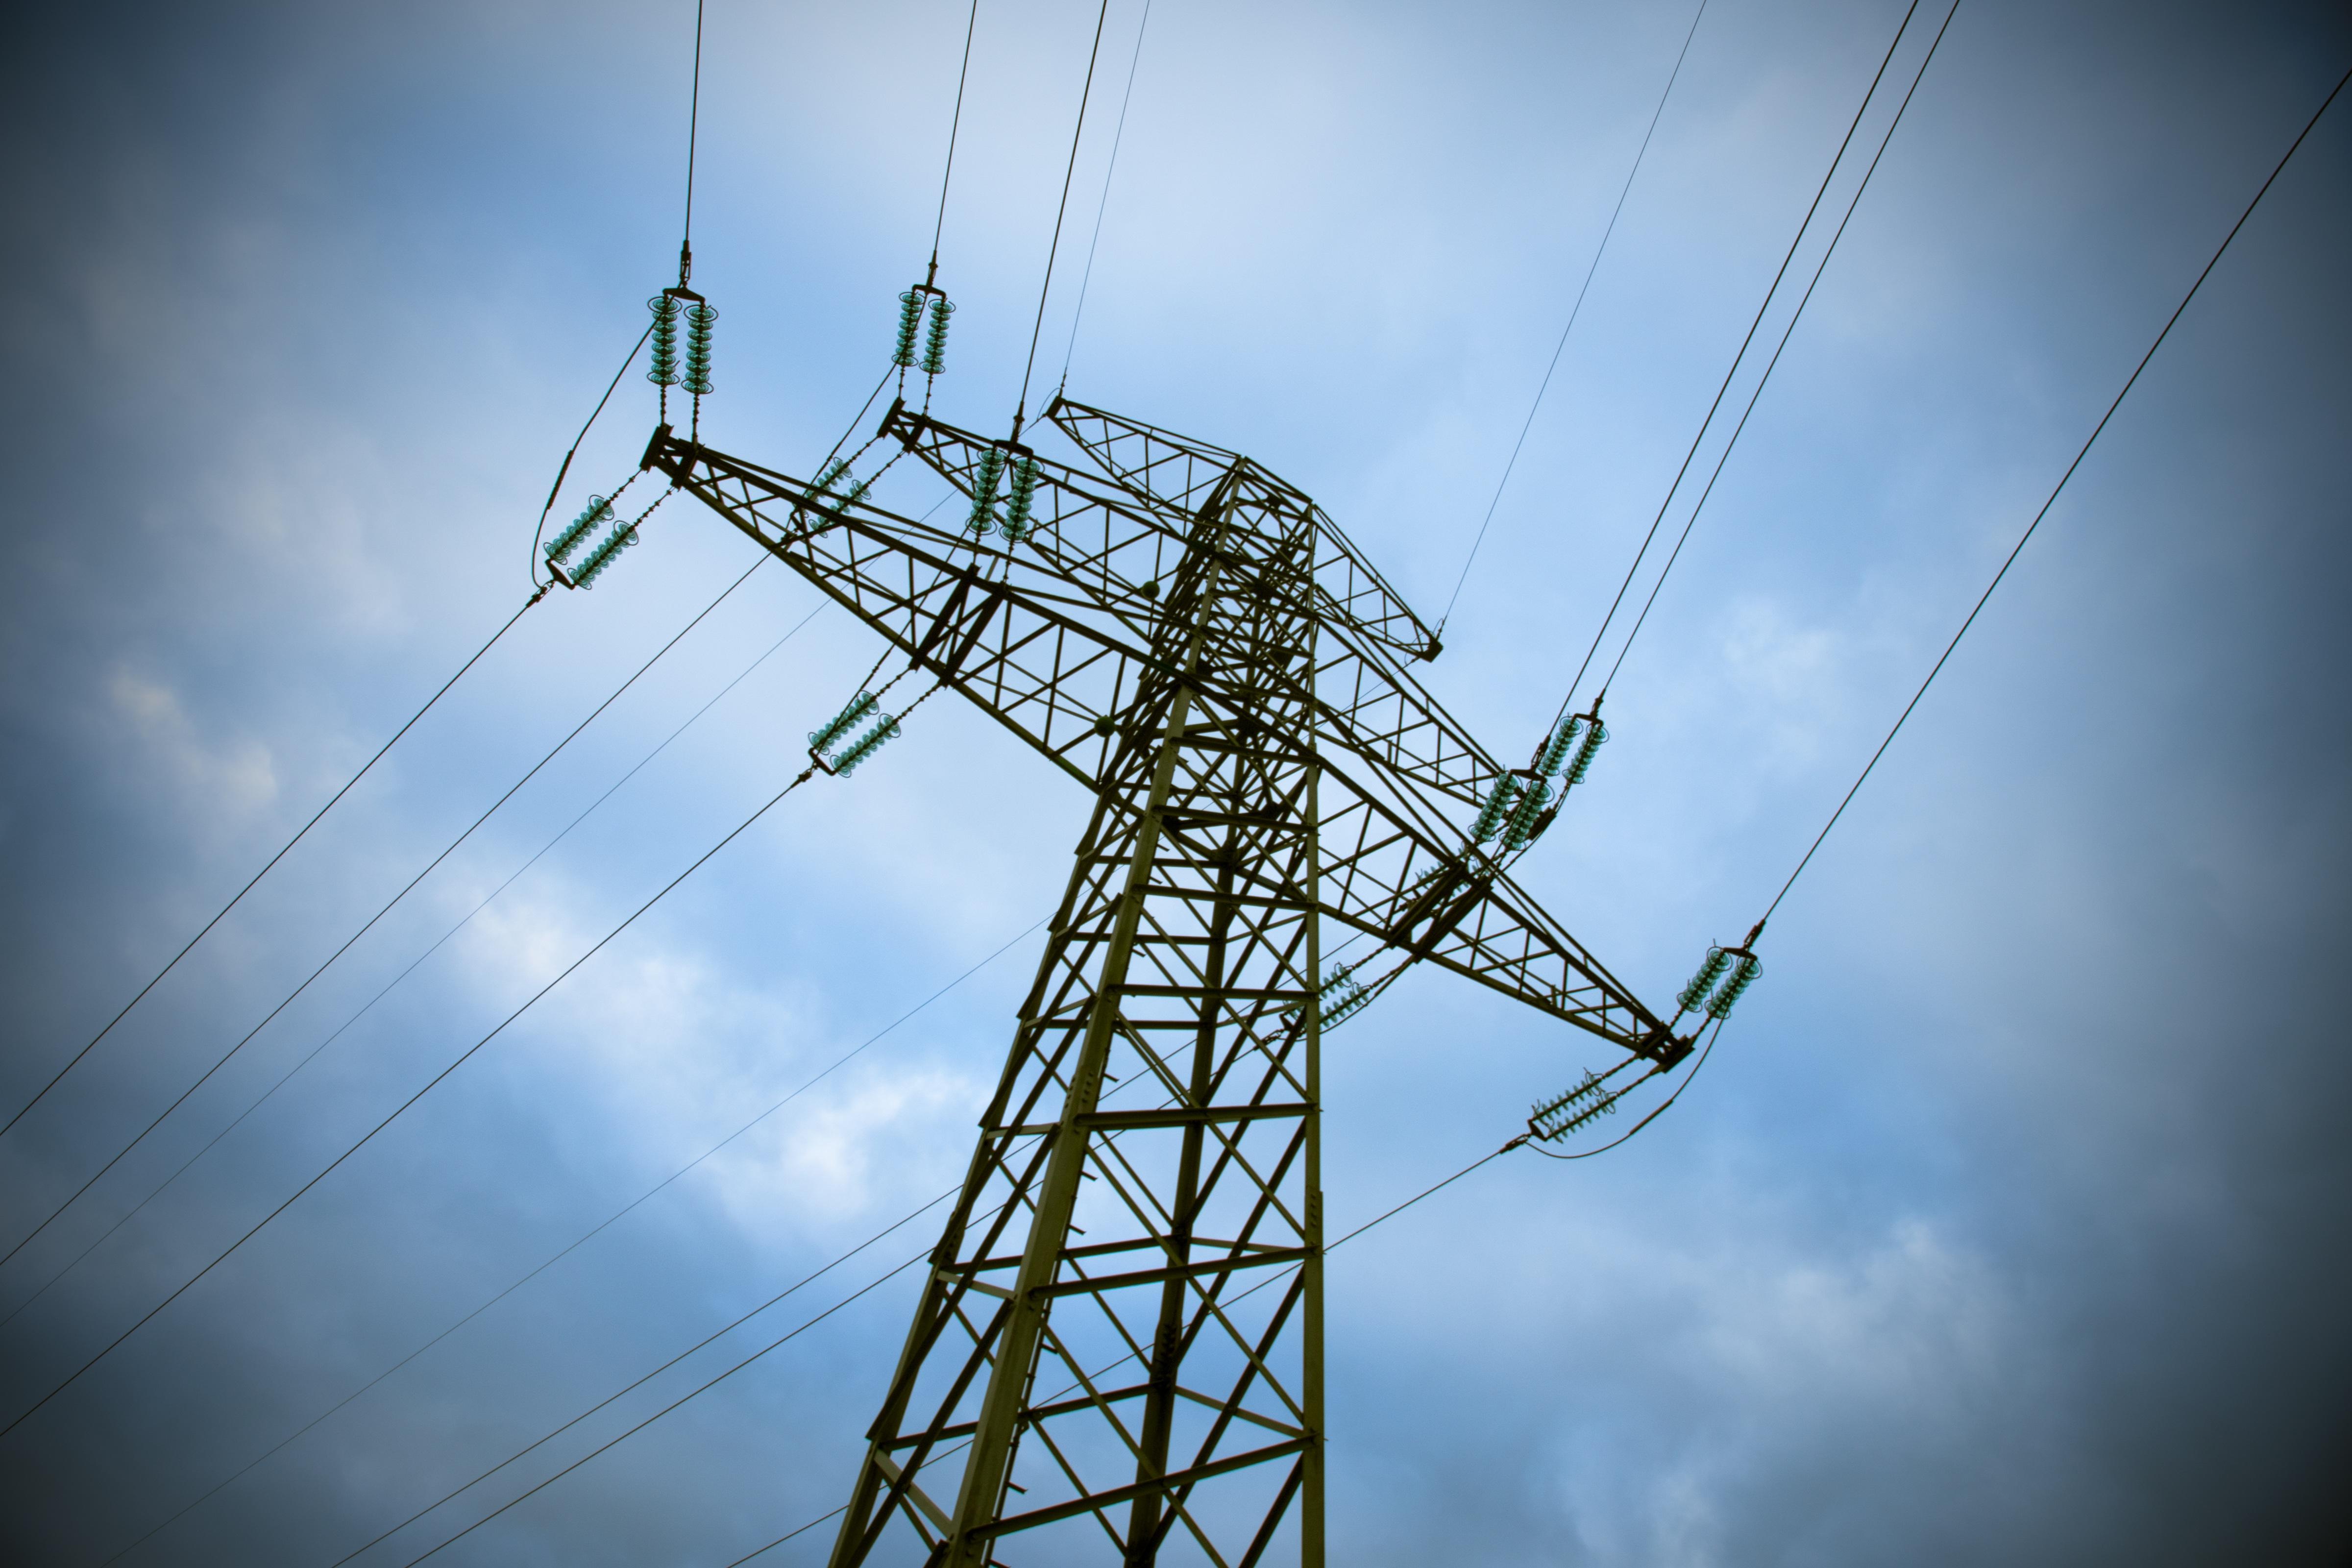 MME apresenta calendário de medidas da modernização do setor elétrico